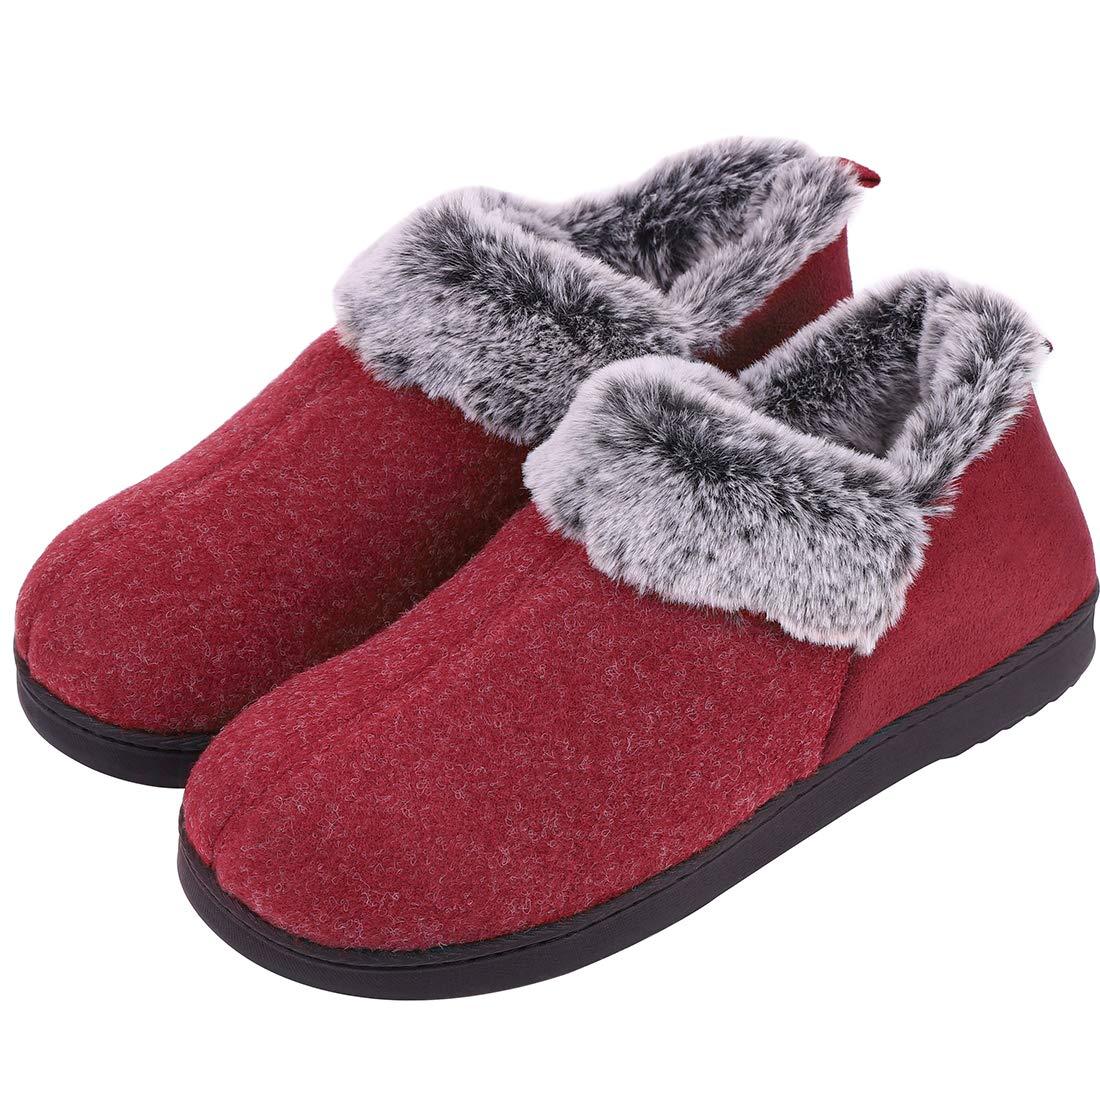 6bf6789ef3442 VeraCosy Ladies' Wool-Like Fleece Clog Slippers, Comfort Memory Foam  Anti-Slip